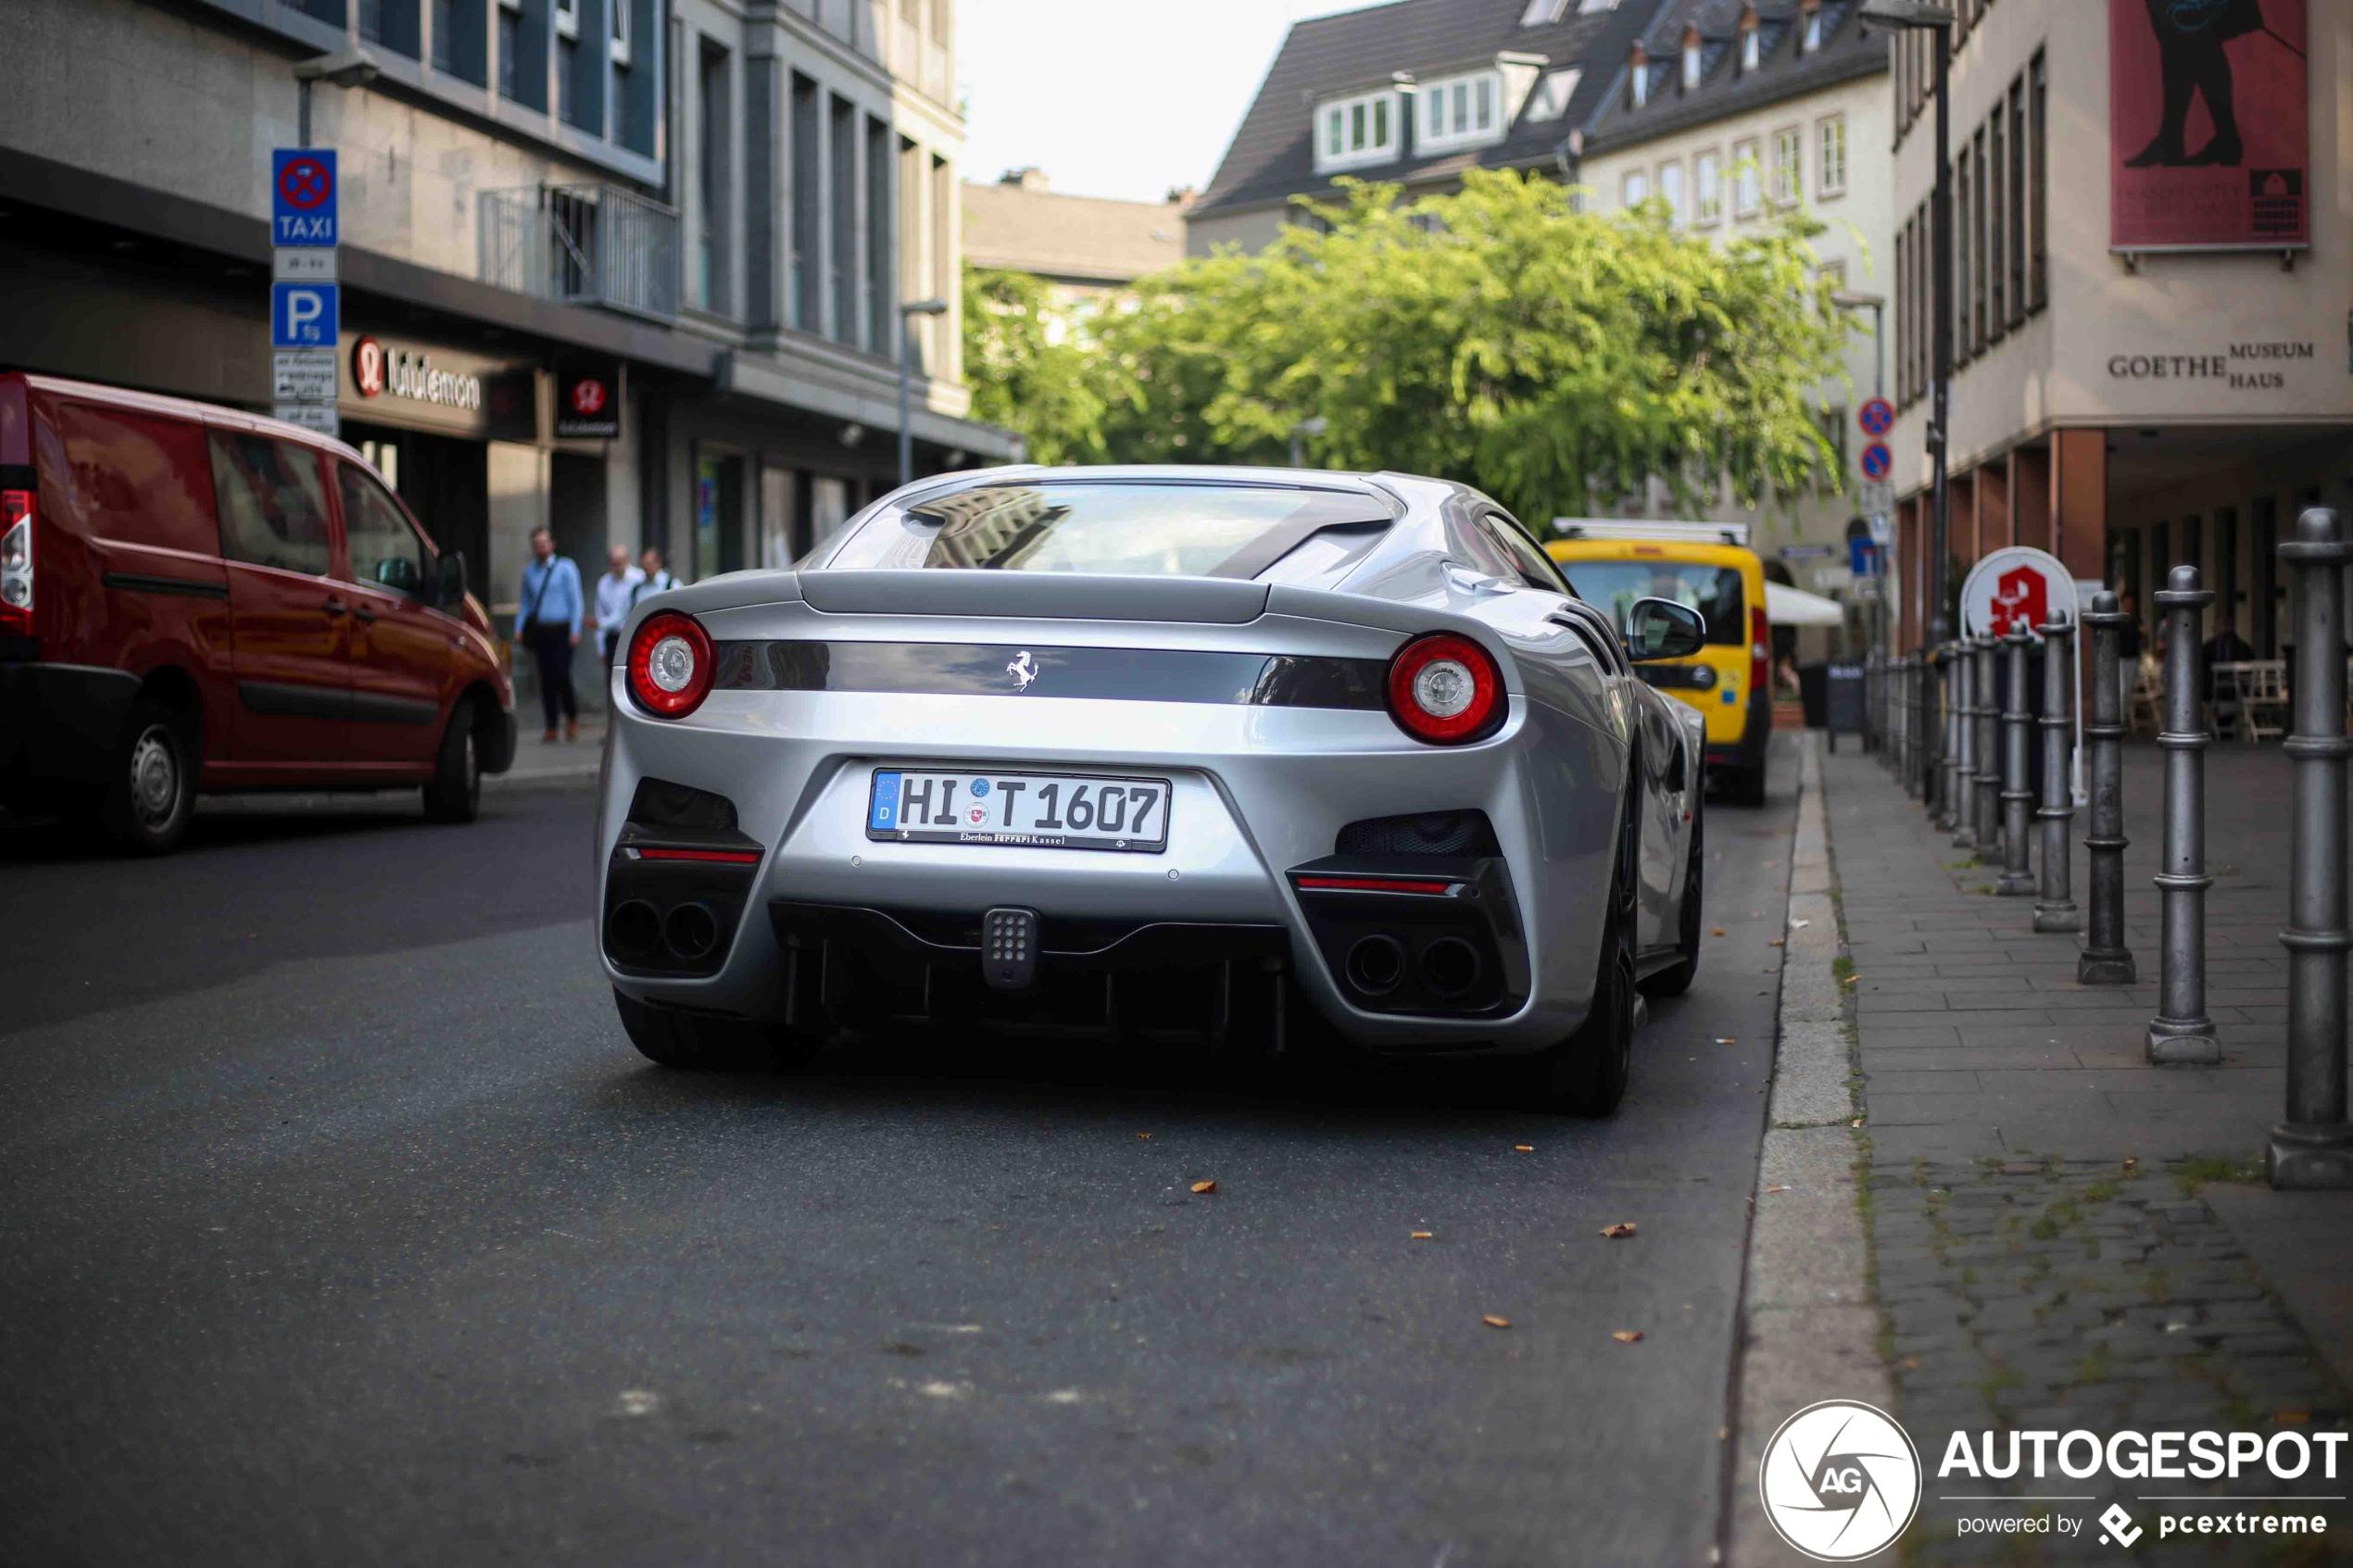 Zilvergrijze Ferrari F12tdf staat troosteloos op straat in Frankfurt